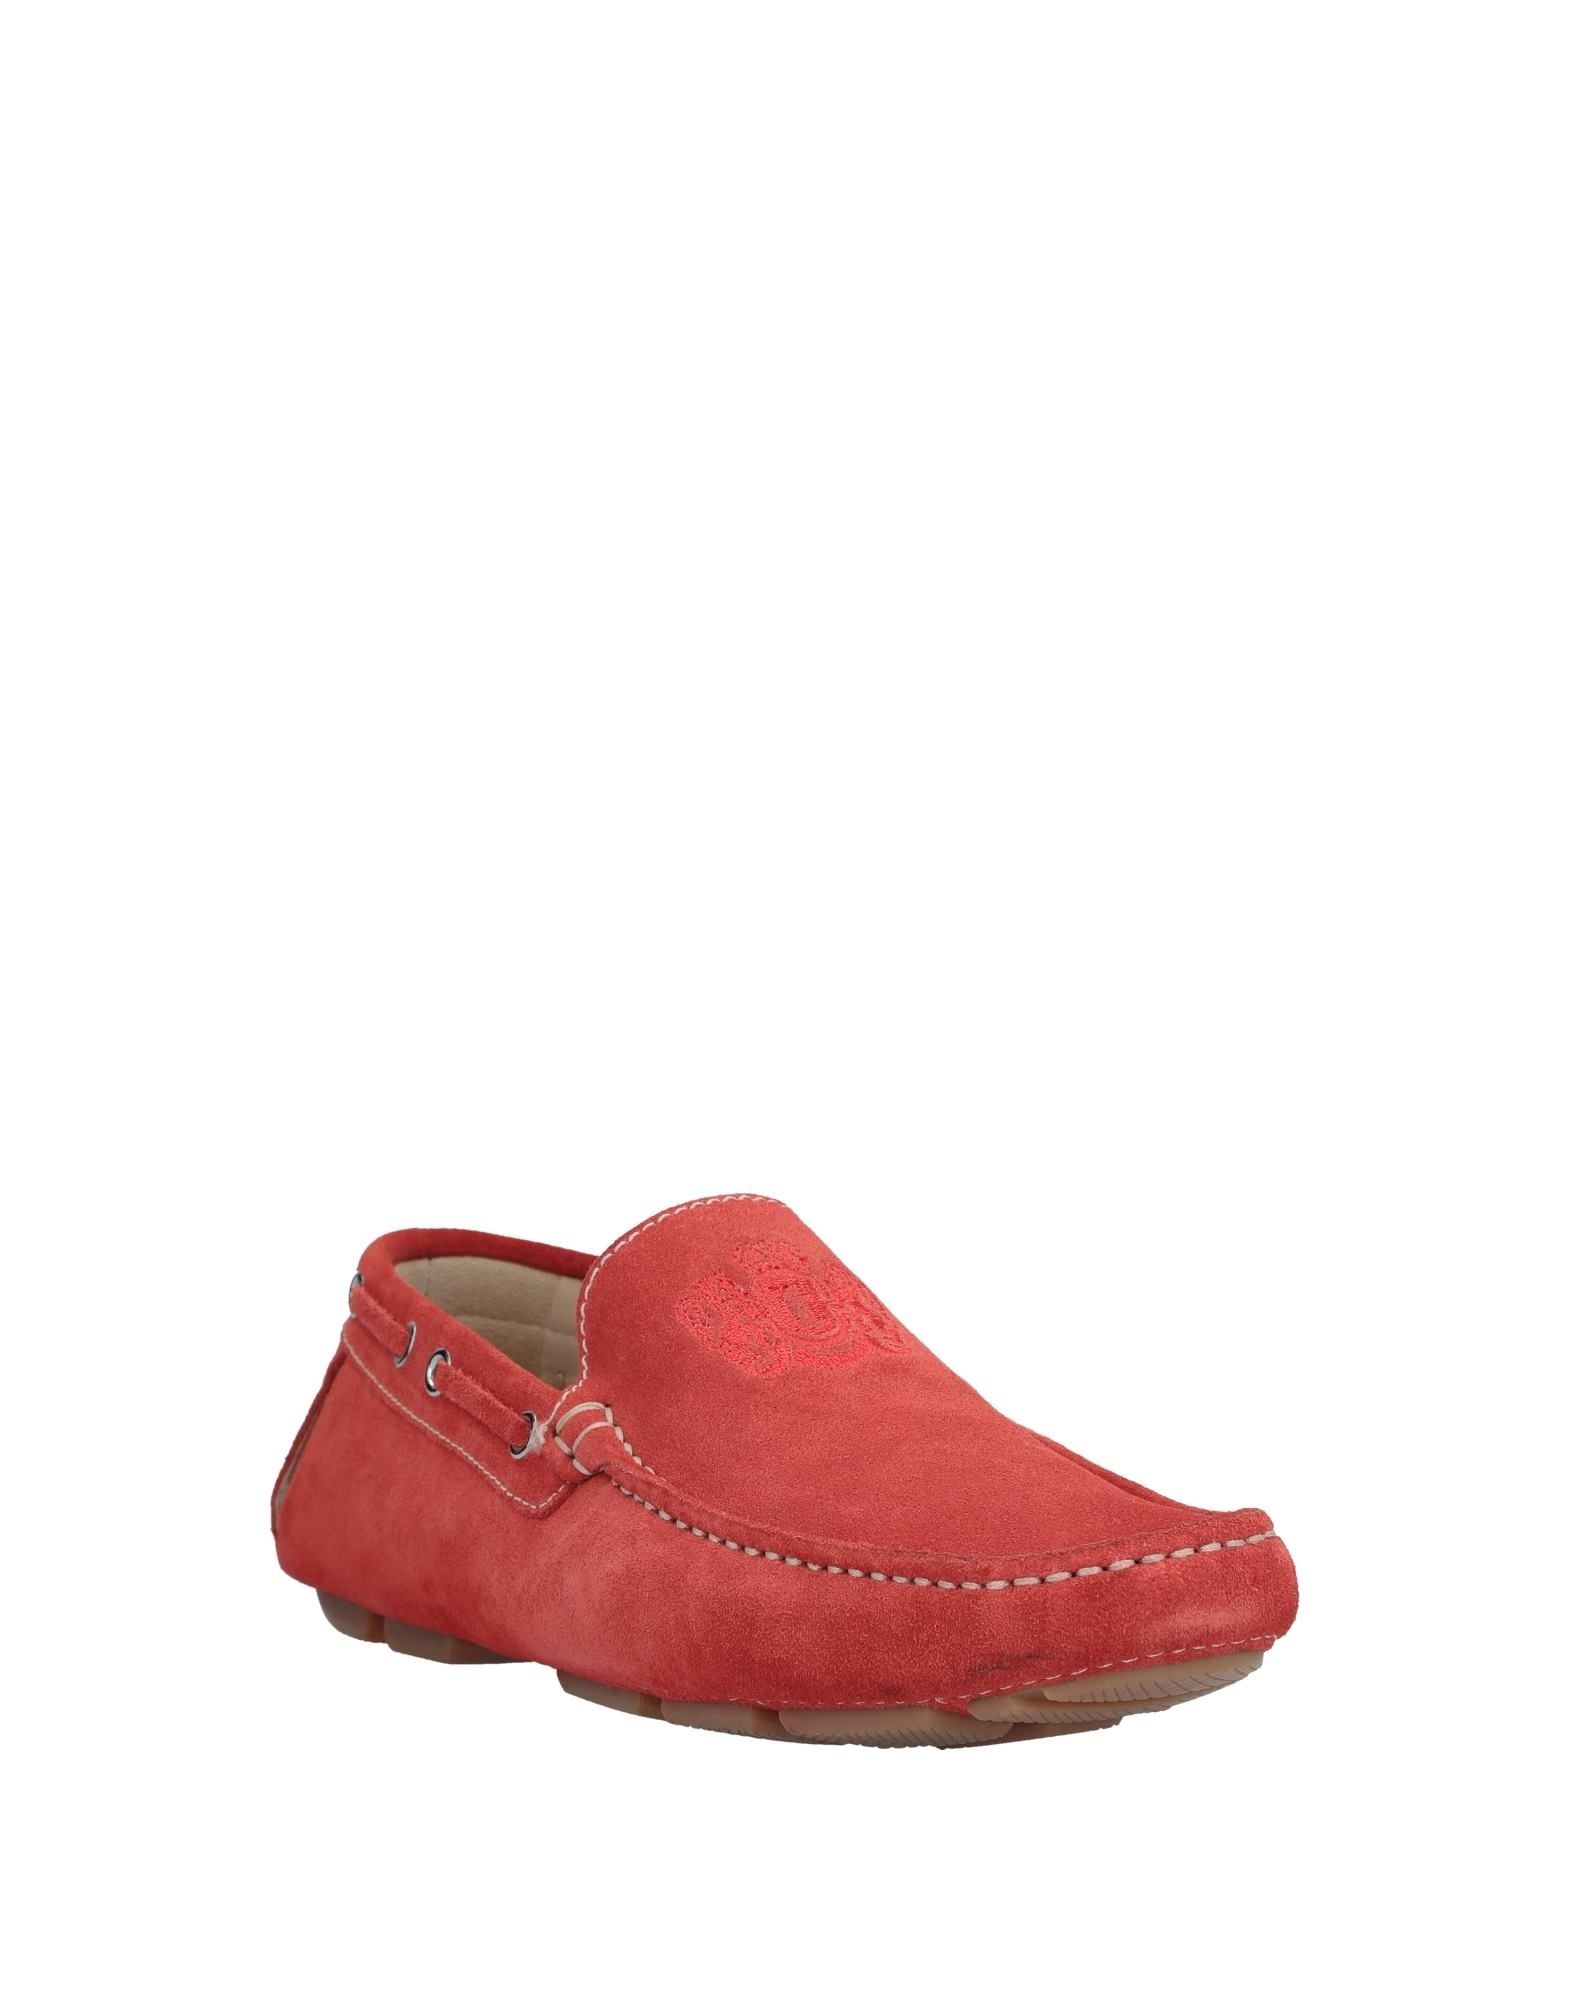 A.Testoni Mokassins Herren  Schuhe 11352584JR Gute Qualität beliebte Schuhe  c43ac2